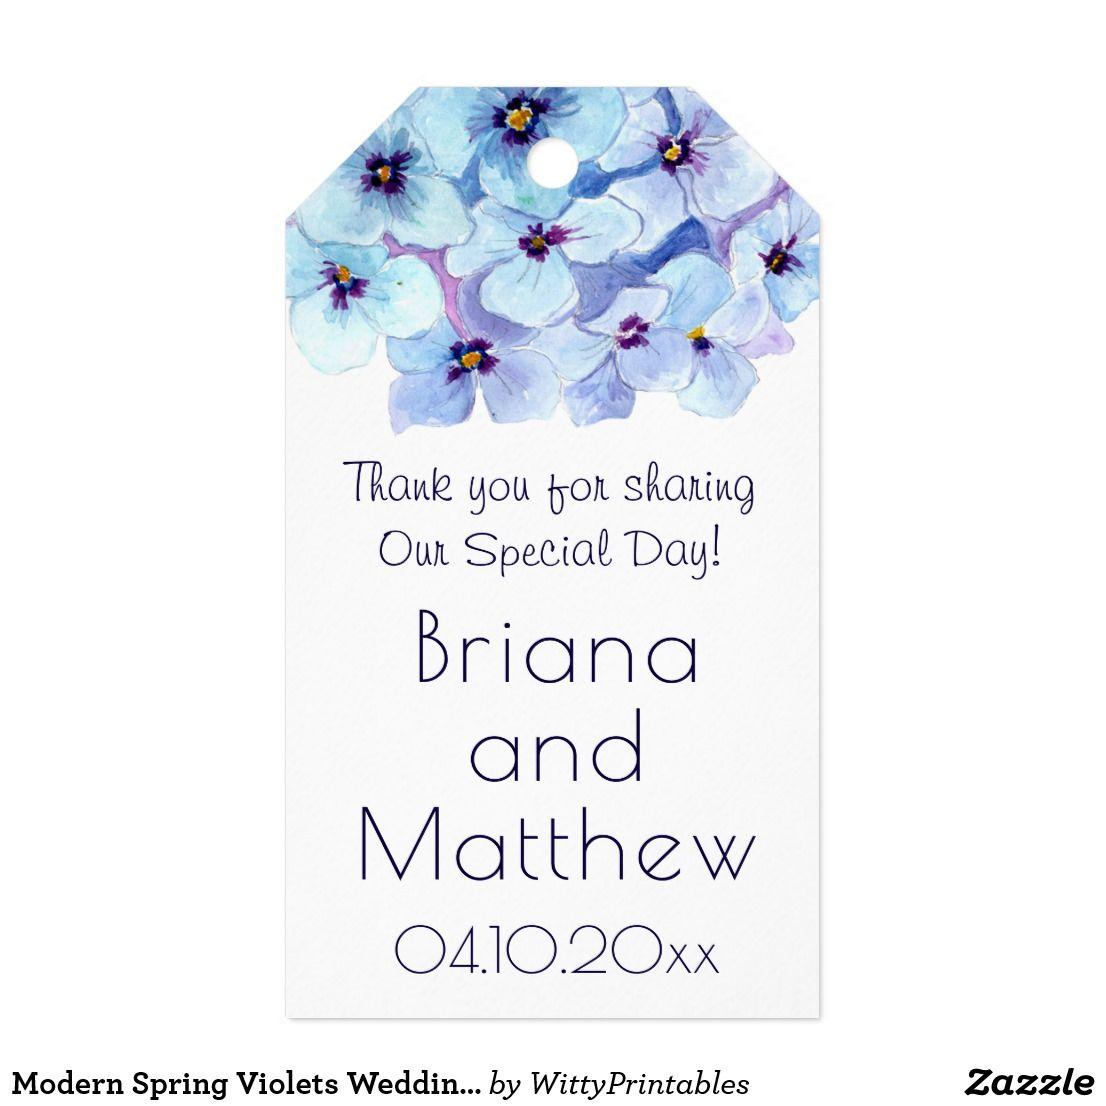 Modern Spring Violets Wedding Favors Gift Tag | Favors, Floral ...